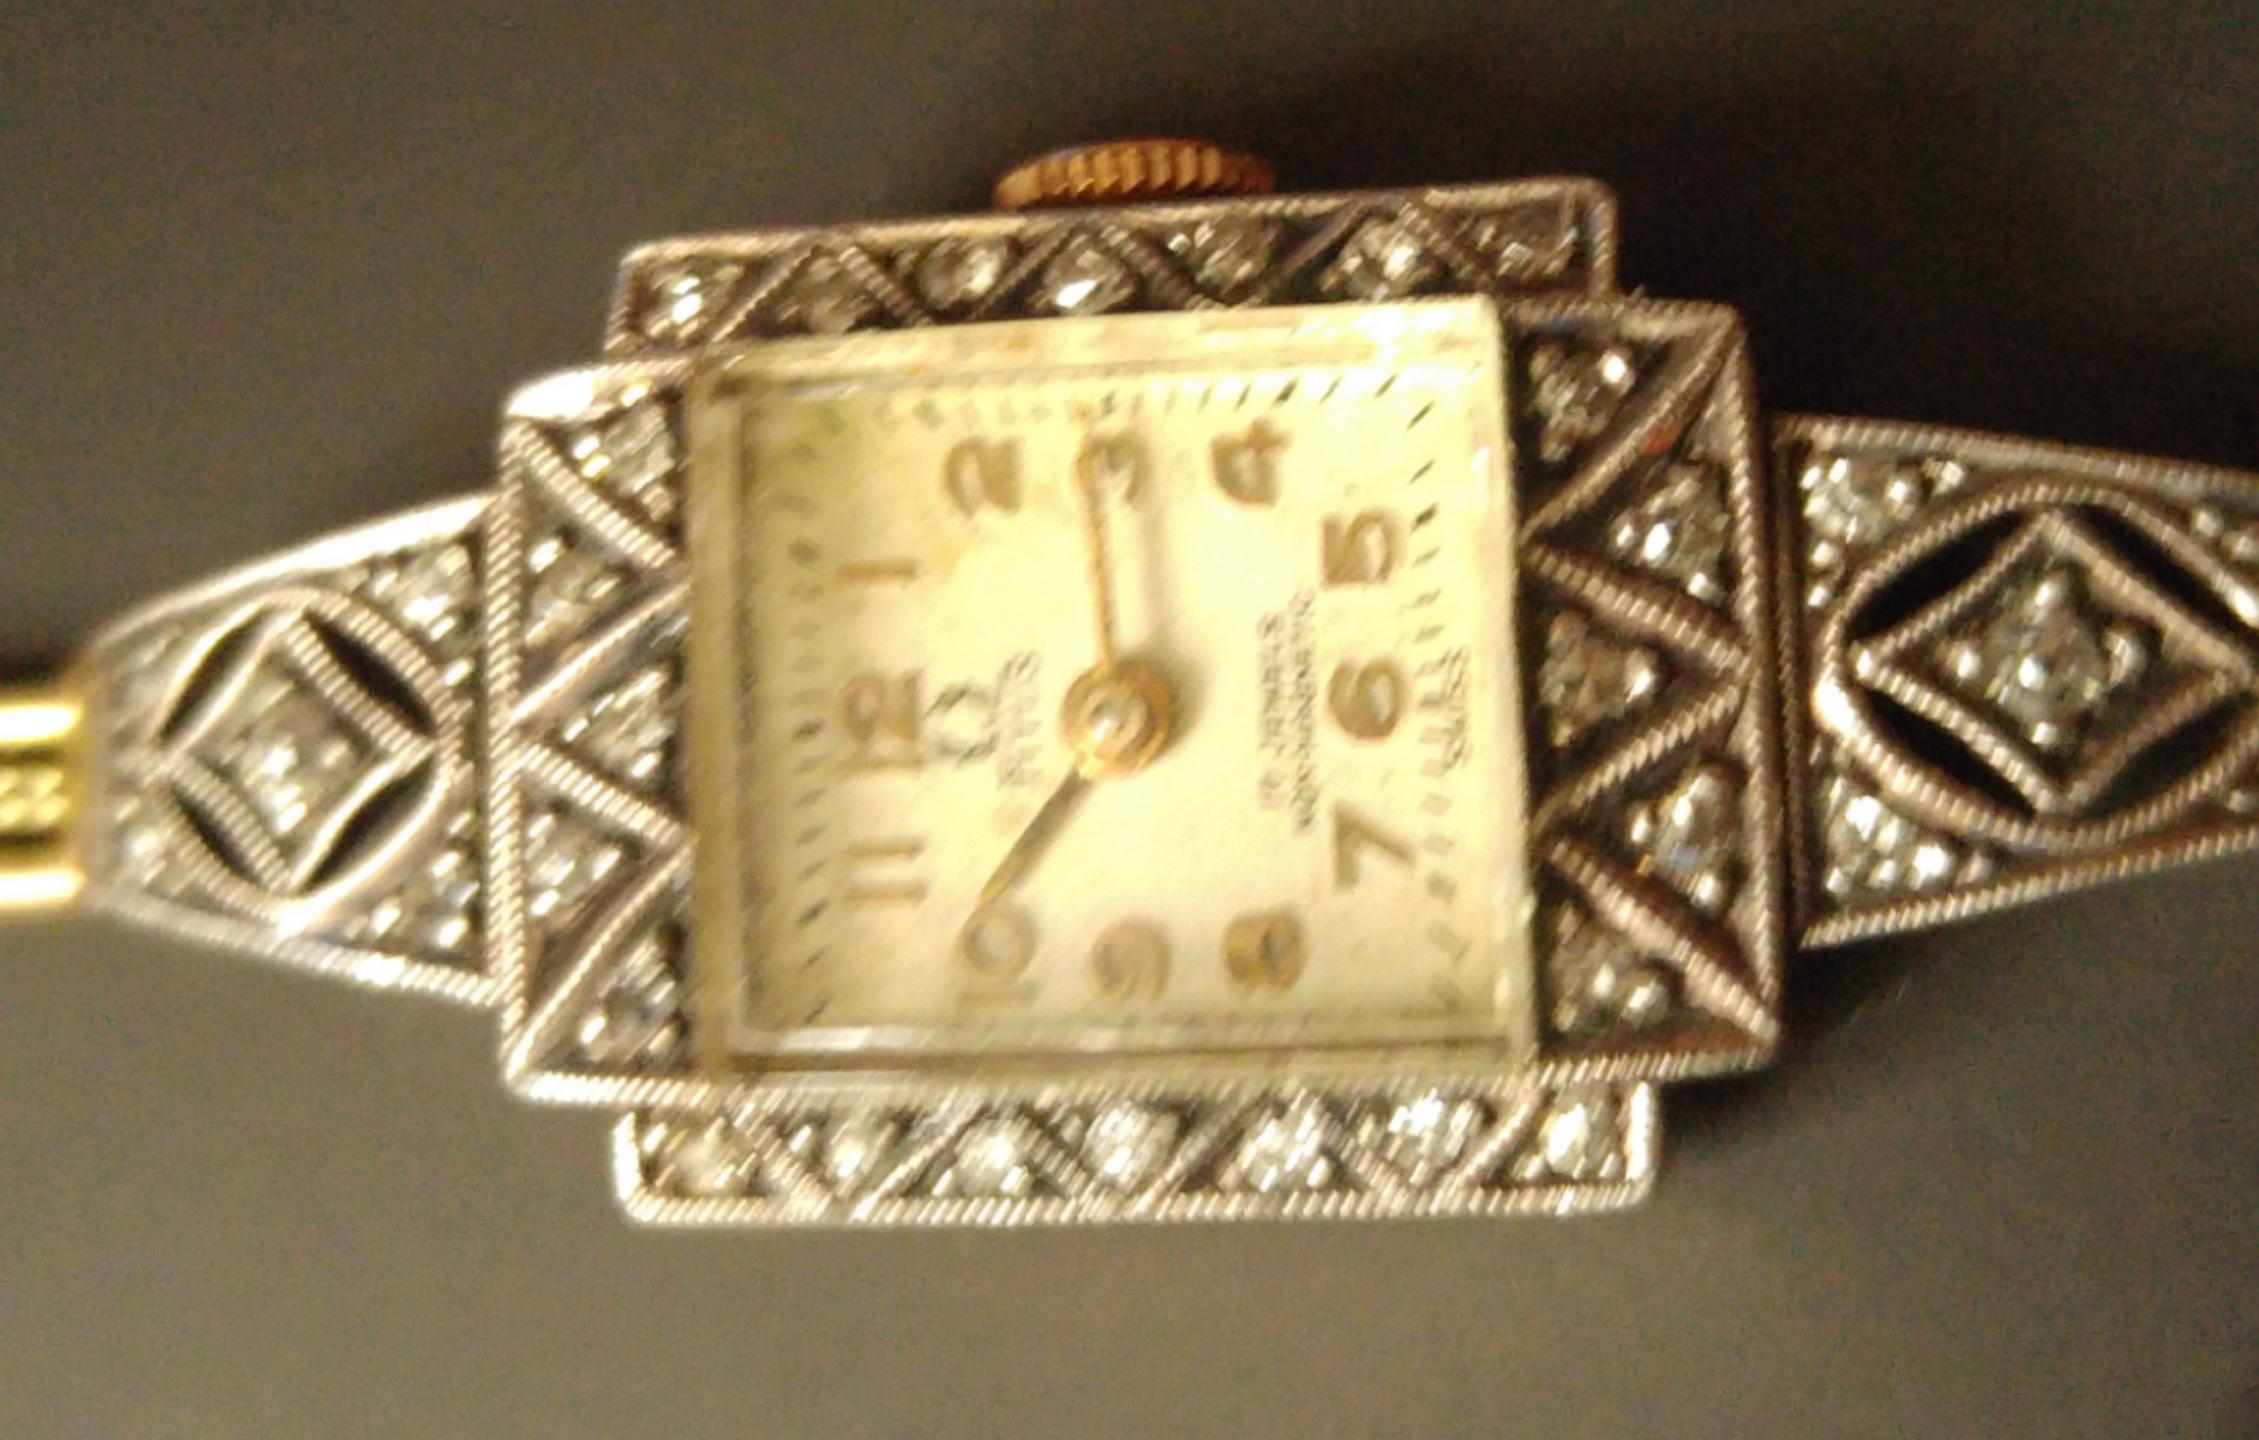 4c3f345eae2bd3 Witam, prosiłbym o wycene zegarka marki Titus. Jest stary i wykonany ze  złota posiada33 diaenciki. Nie znam jego pełnej historii wiem że pochodzi z  czasów ...